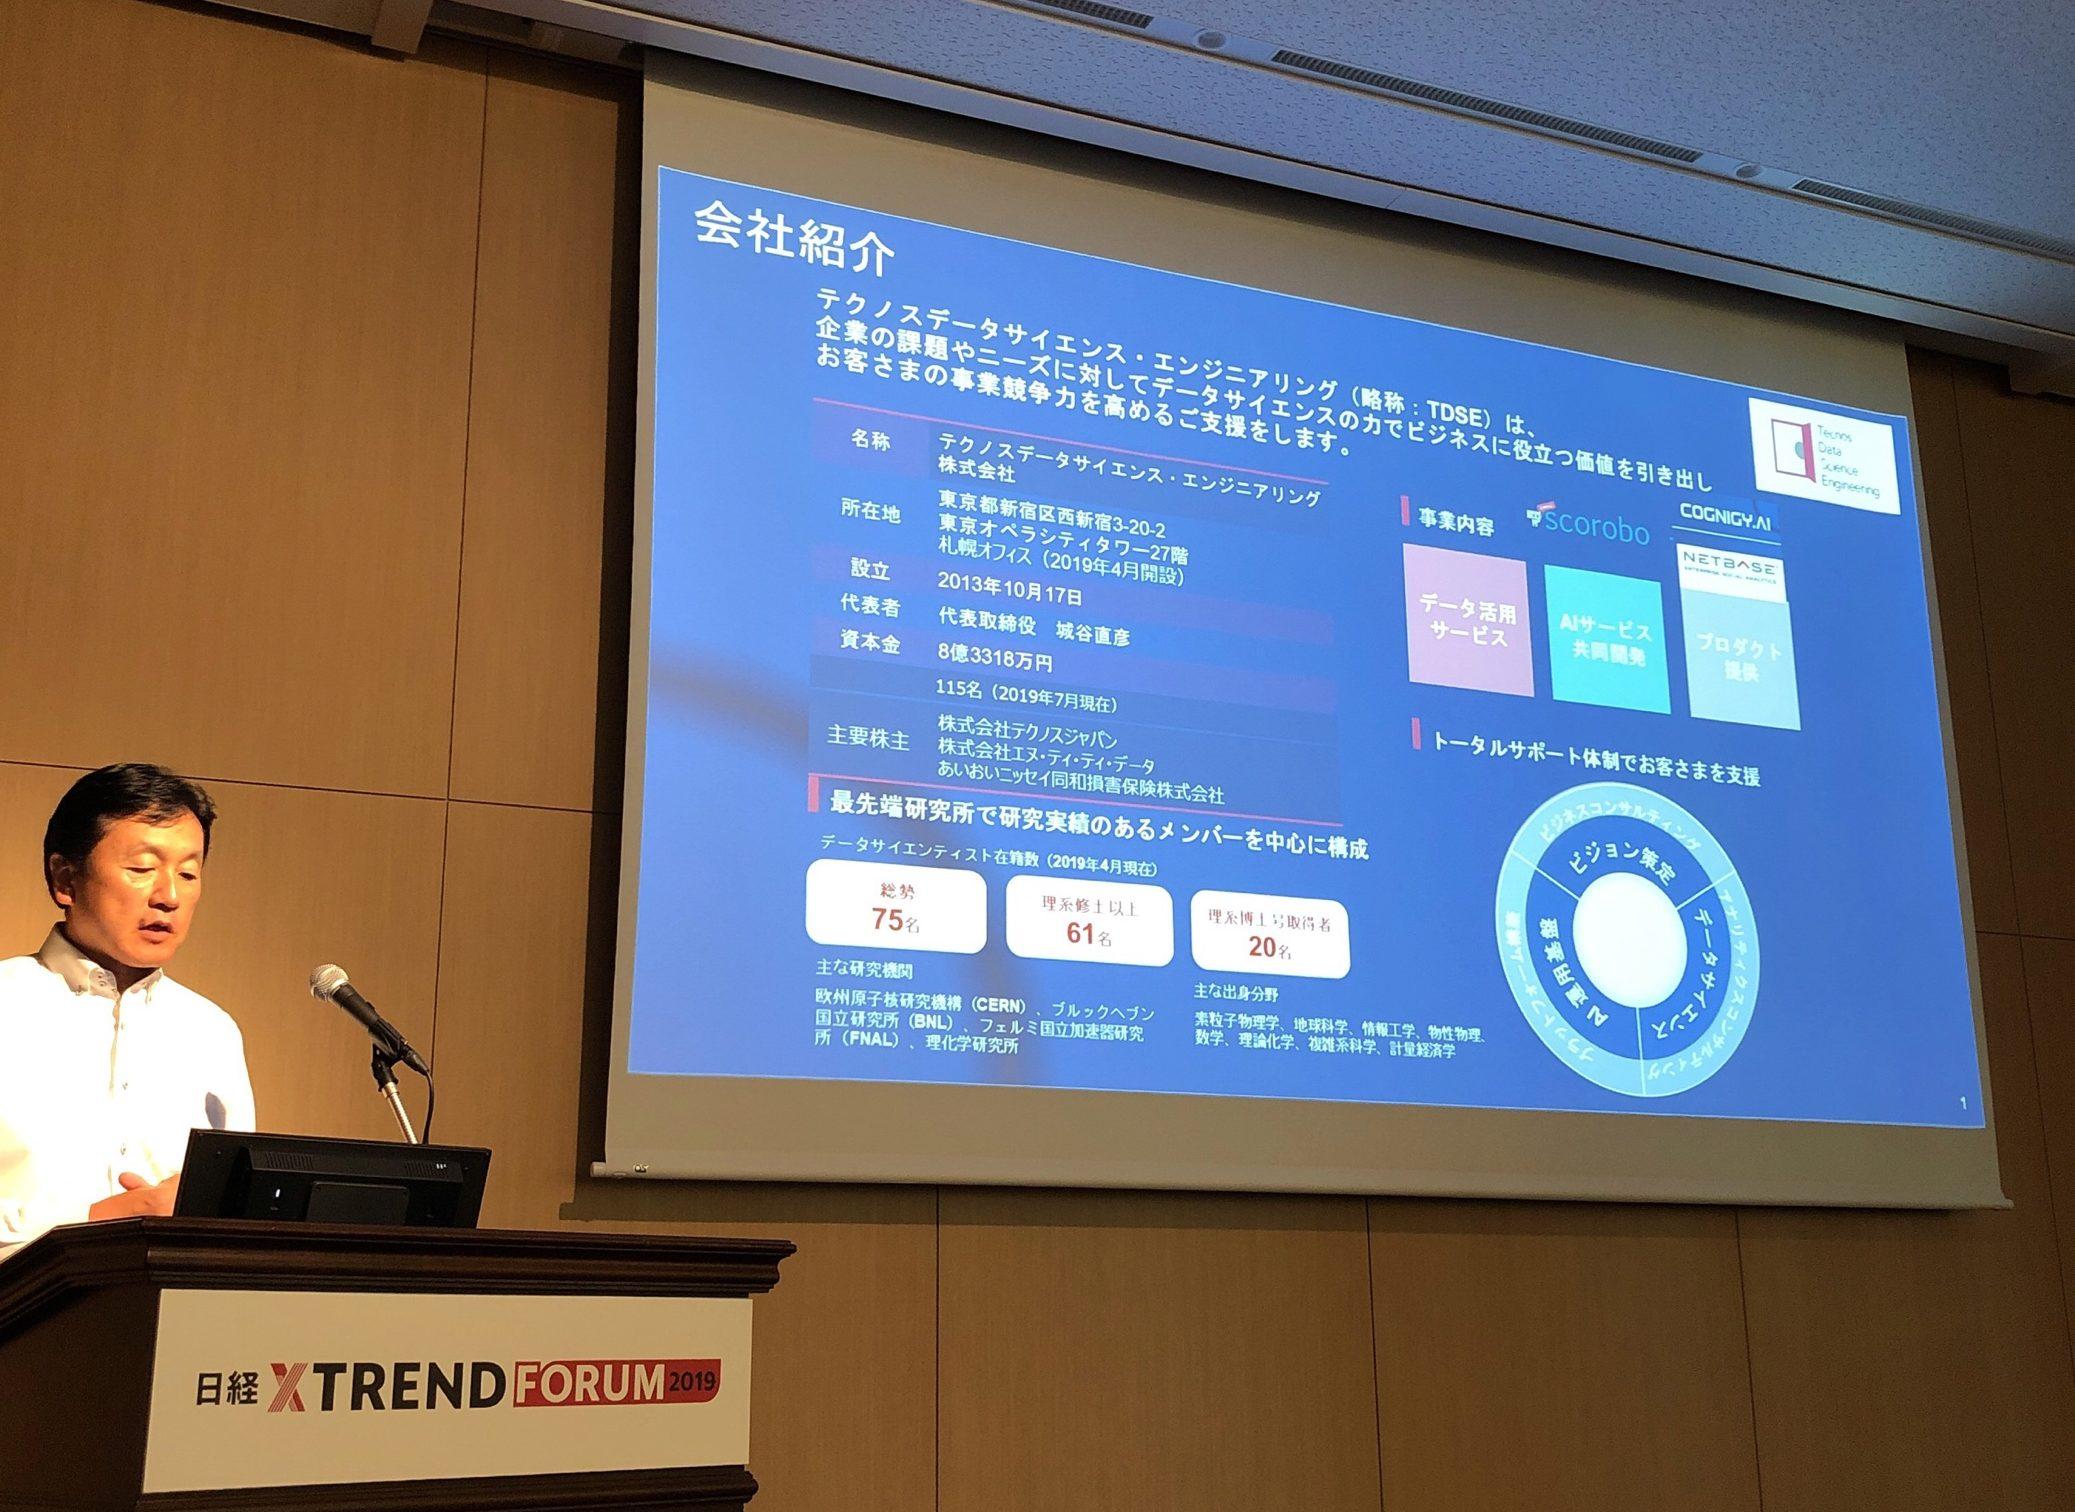 日経xTREND FORUM イベントレポートを公開しました